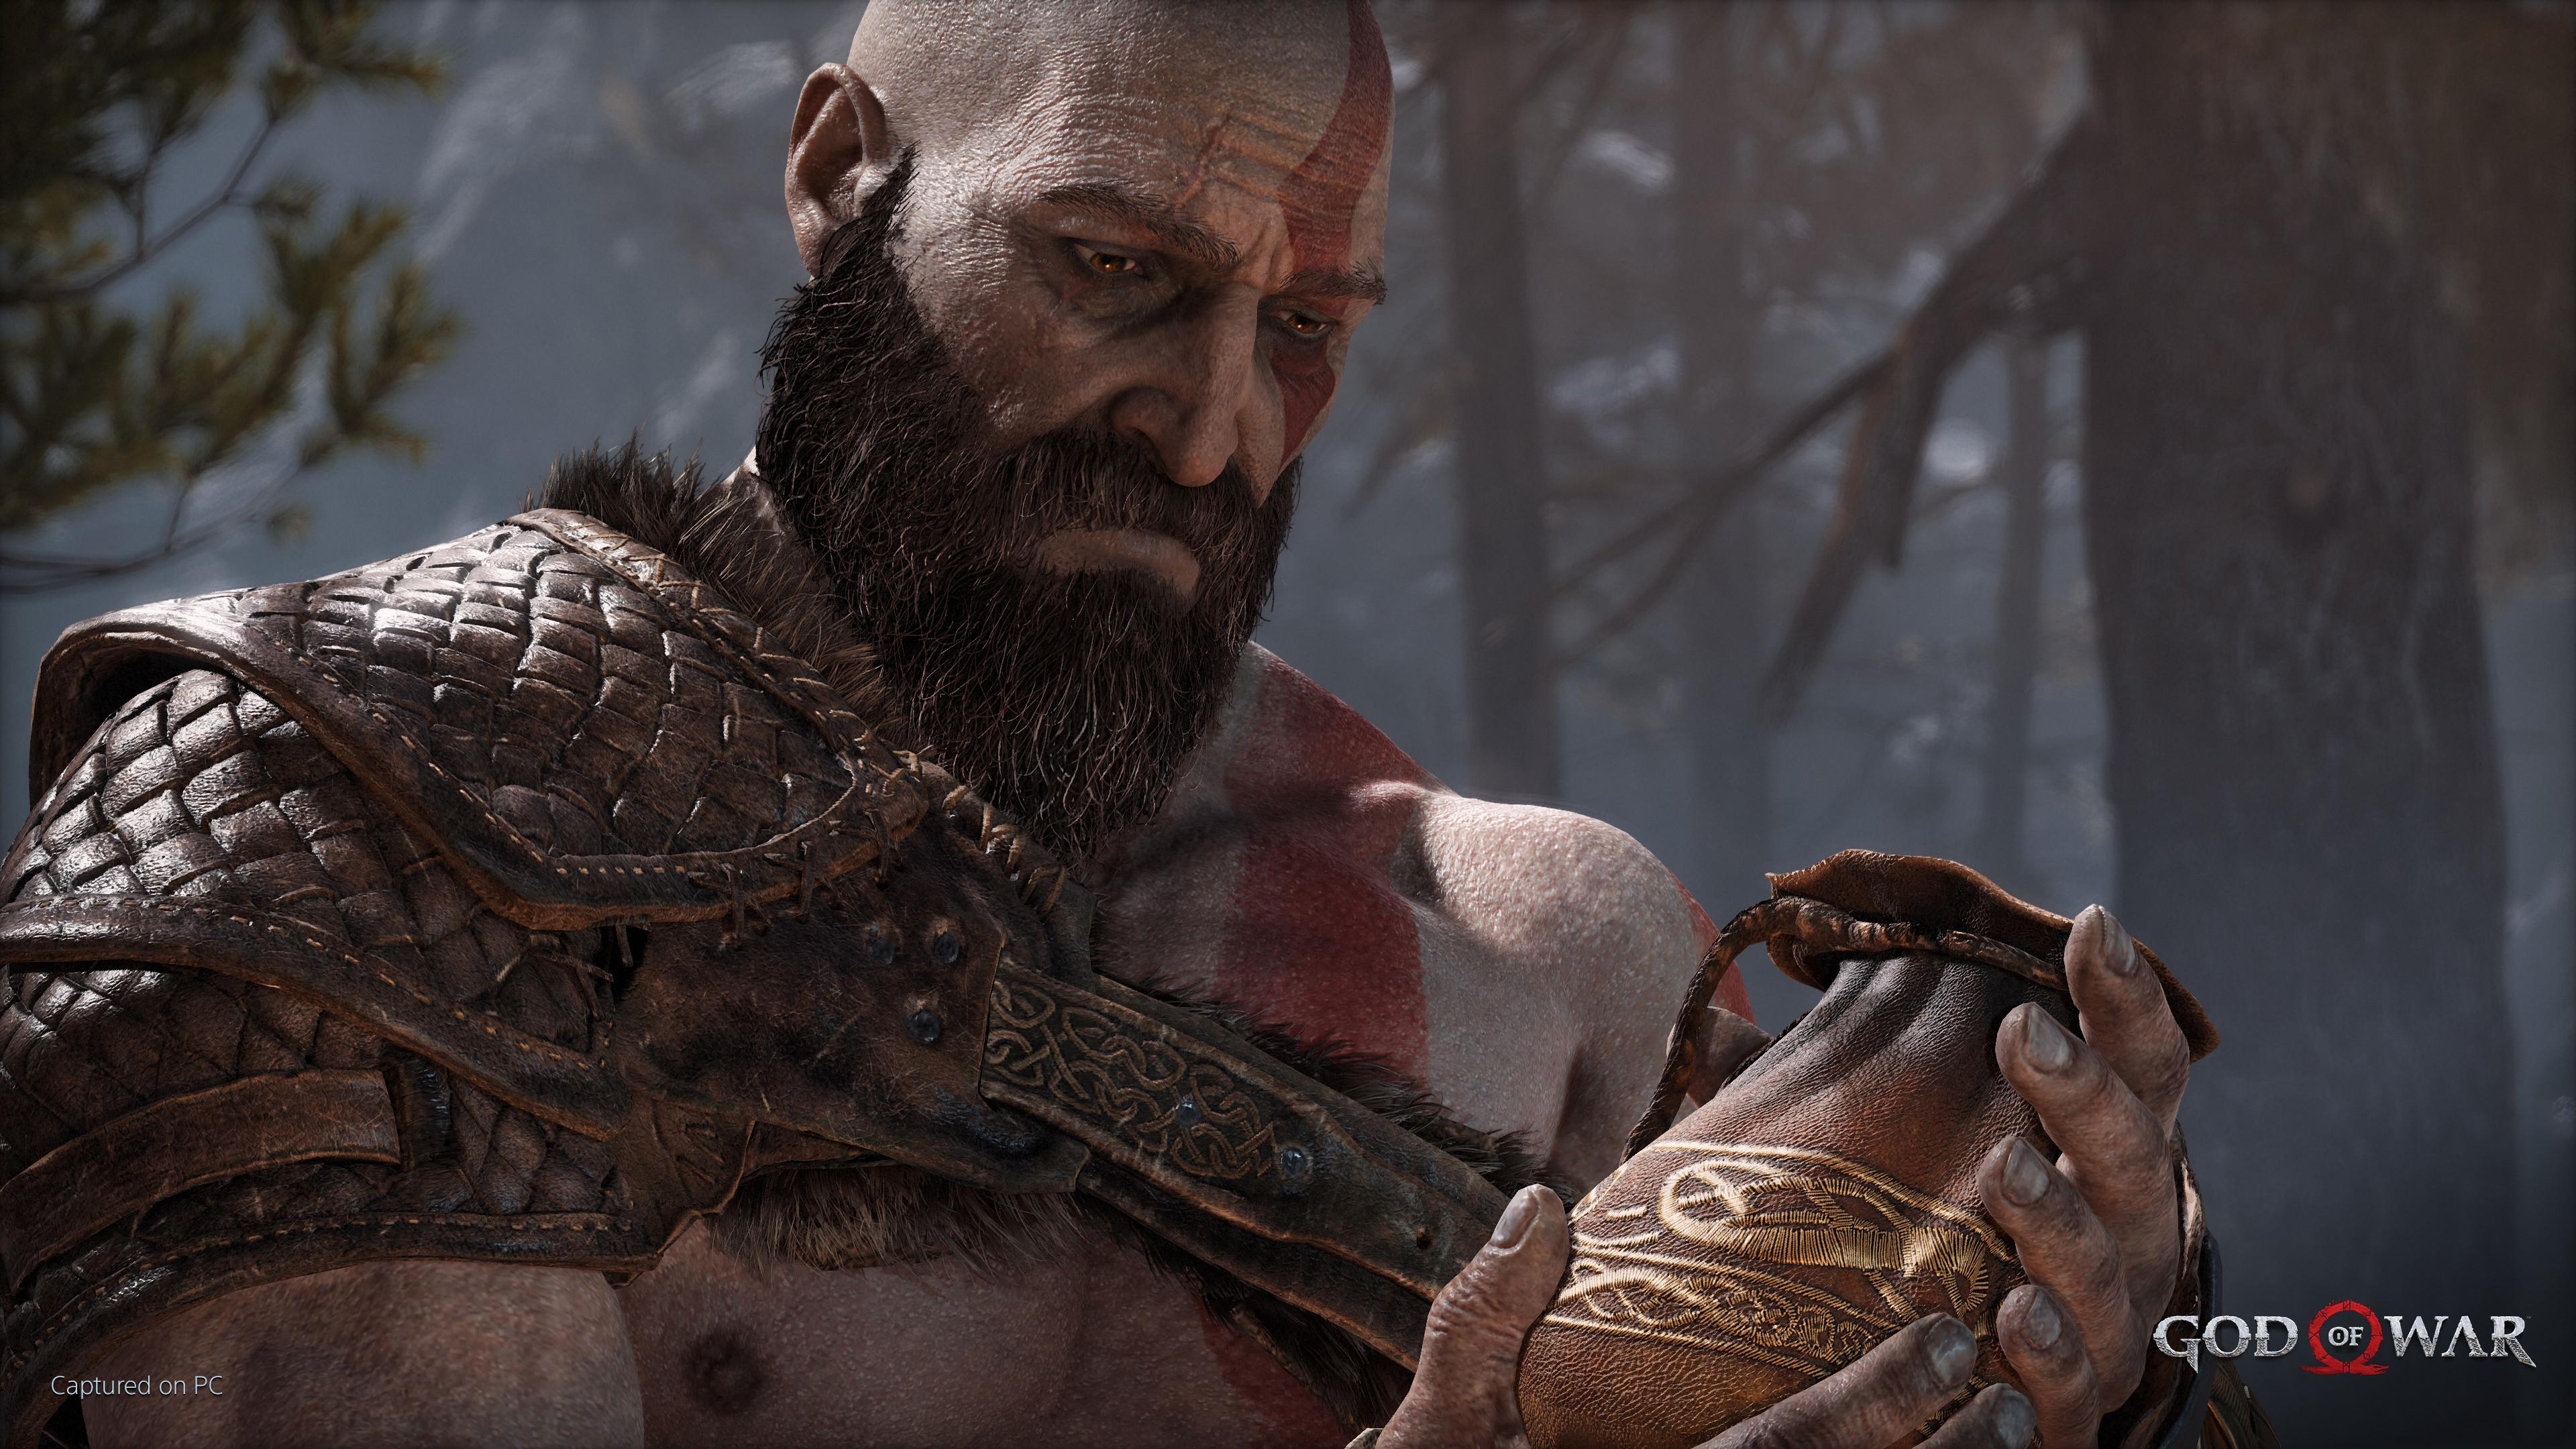 God of War är nu det tredje mest sålda Playstation 4-spelet